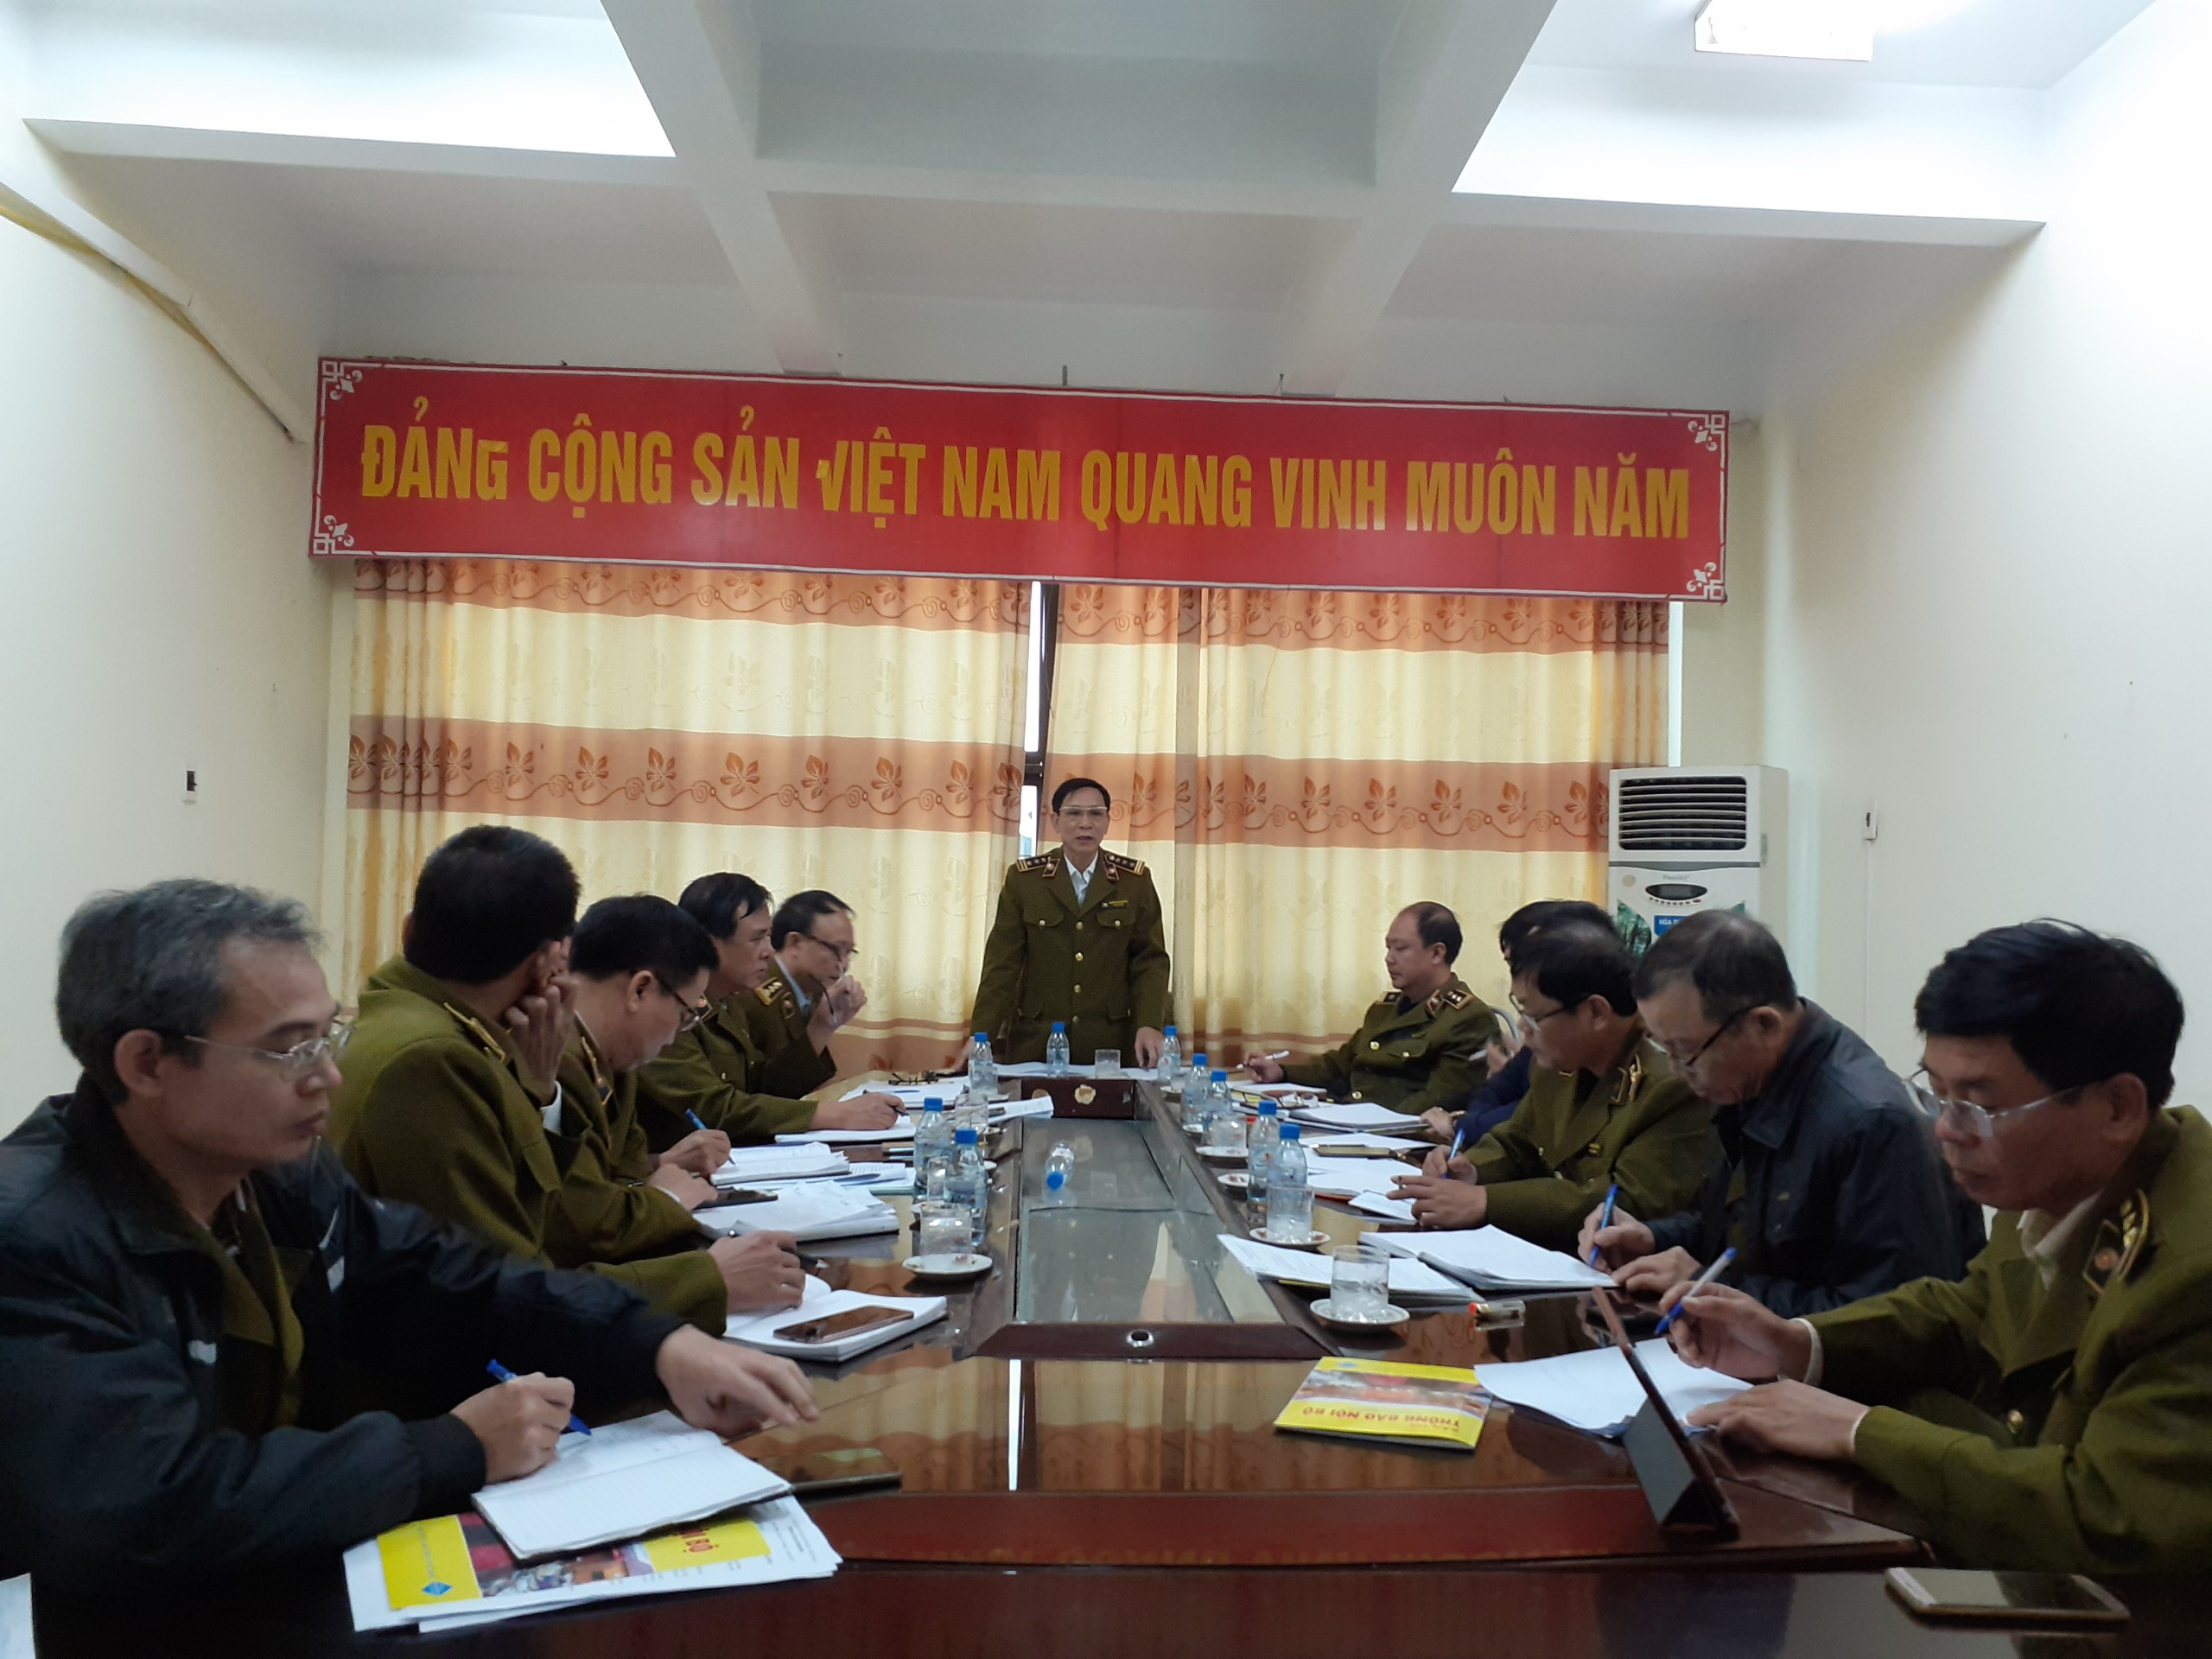 Cục QLTT Thái Bình tổ chức Hội nghị giao ban  tháng 11 năm 2019, triển khai nhiệm vụ tháng 12 năm 2019